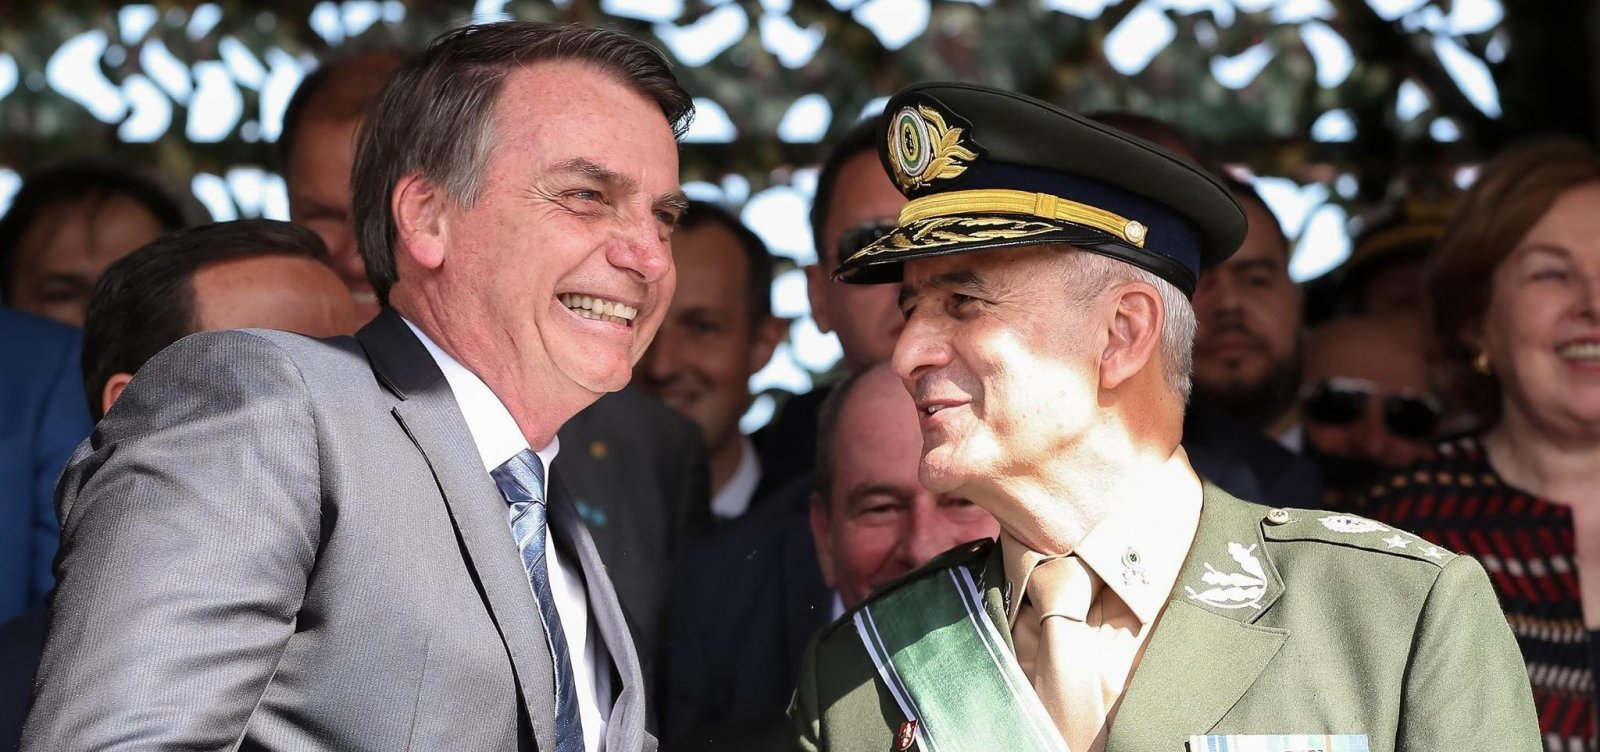 [Bolsonaro diz que ministro 'se equivocou' ao falar que PF foi mencionada em reunião de 22 de abril]